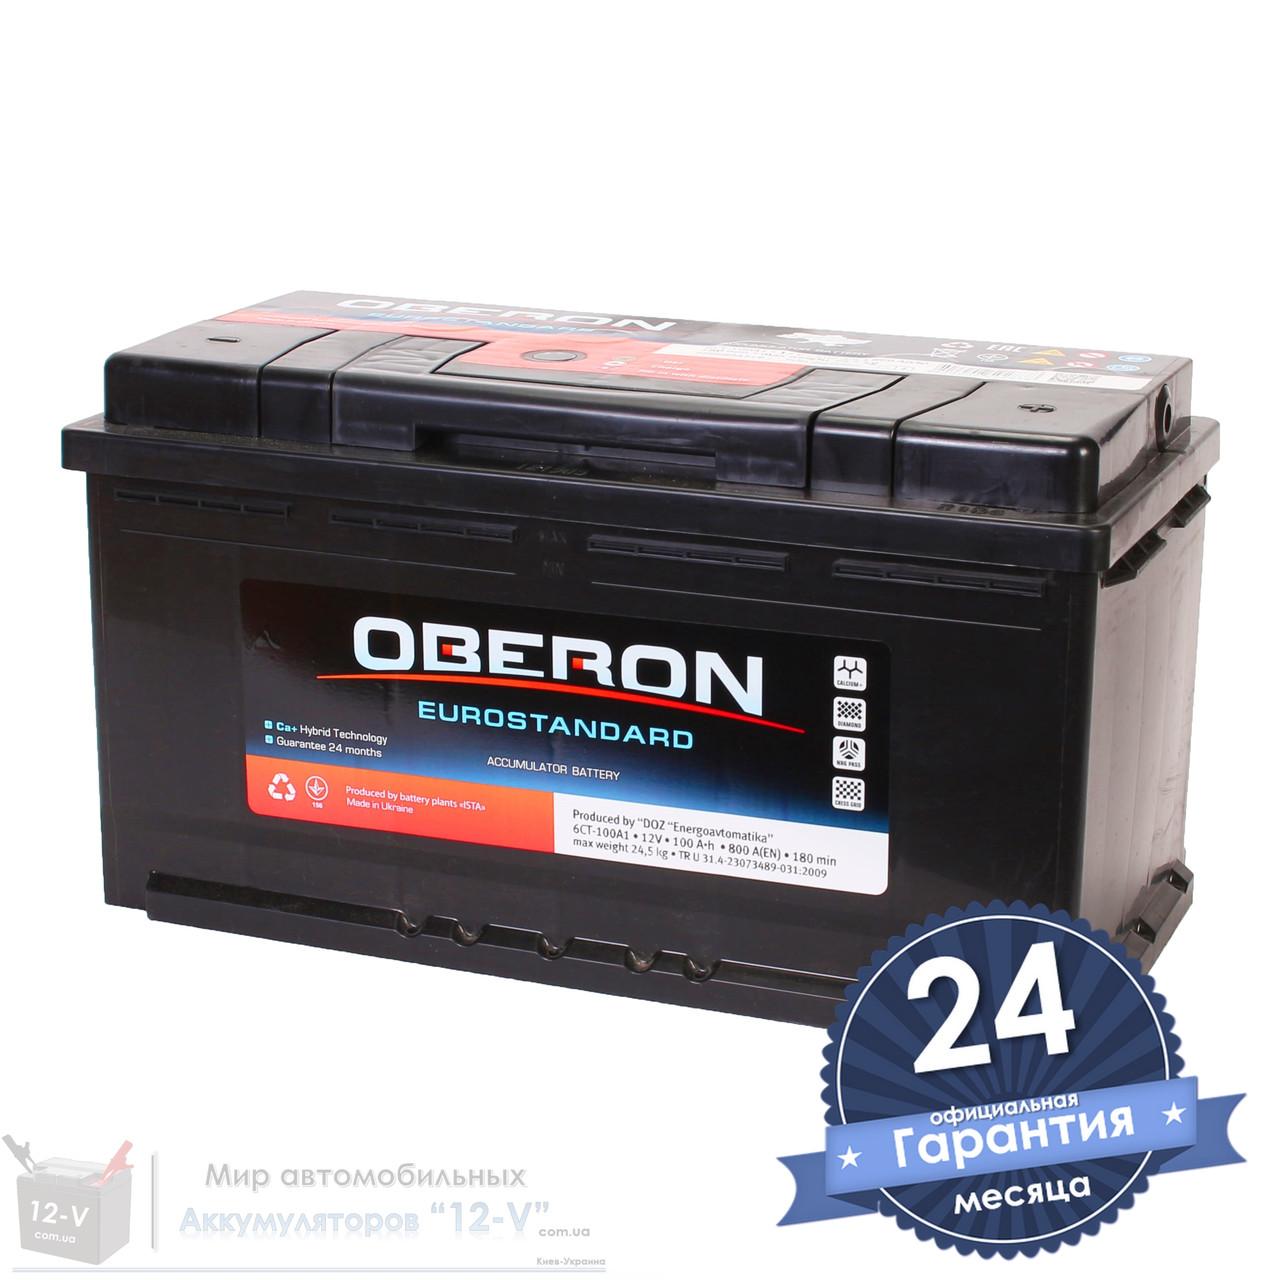 Аккумулятор автомобильный OBERON Eurostandard 6CT 100Ah, пусковой ток 800А [+|–]